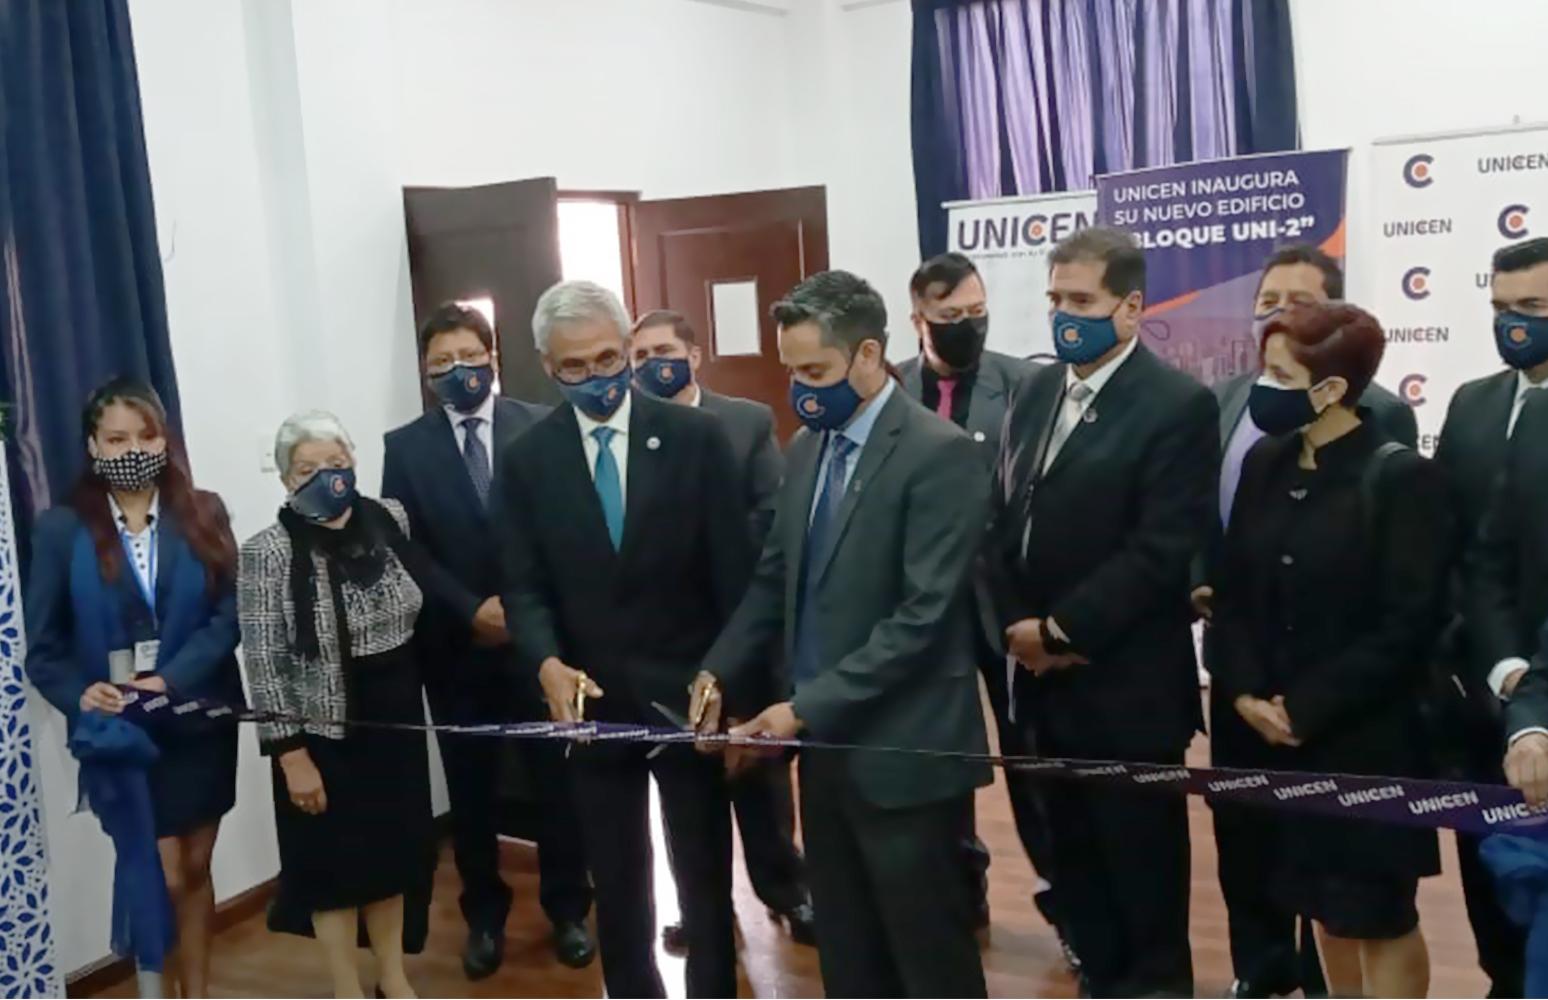 """Unicen amplía su infraestructura en La Paz con el nuevo edificio nombrado """"Bloque UNI-2"""""""